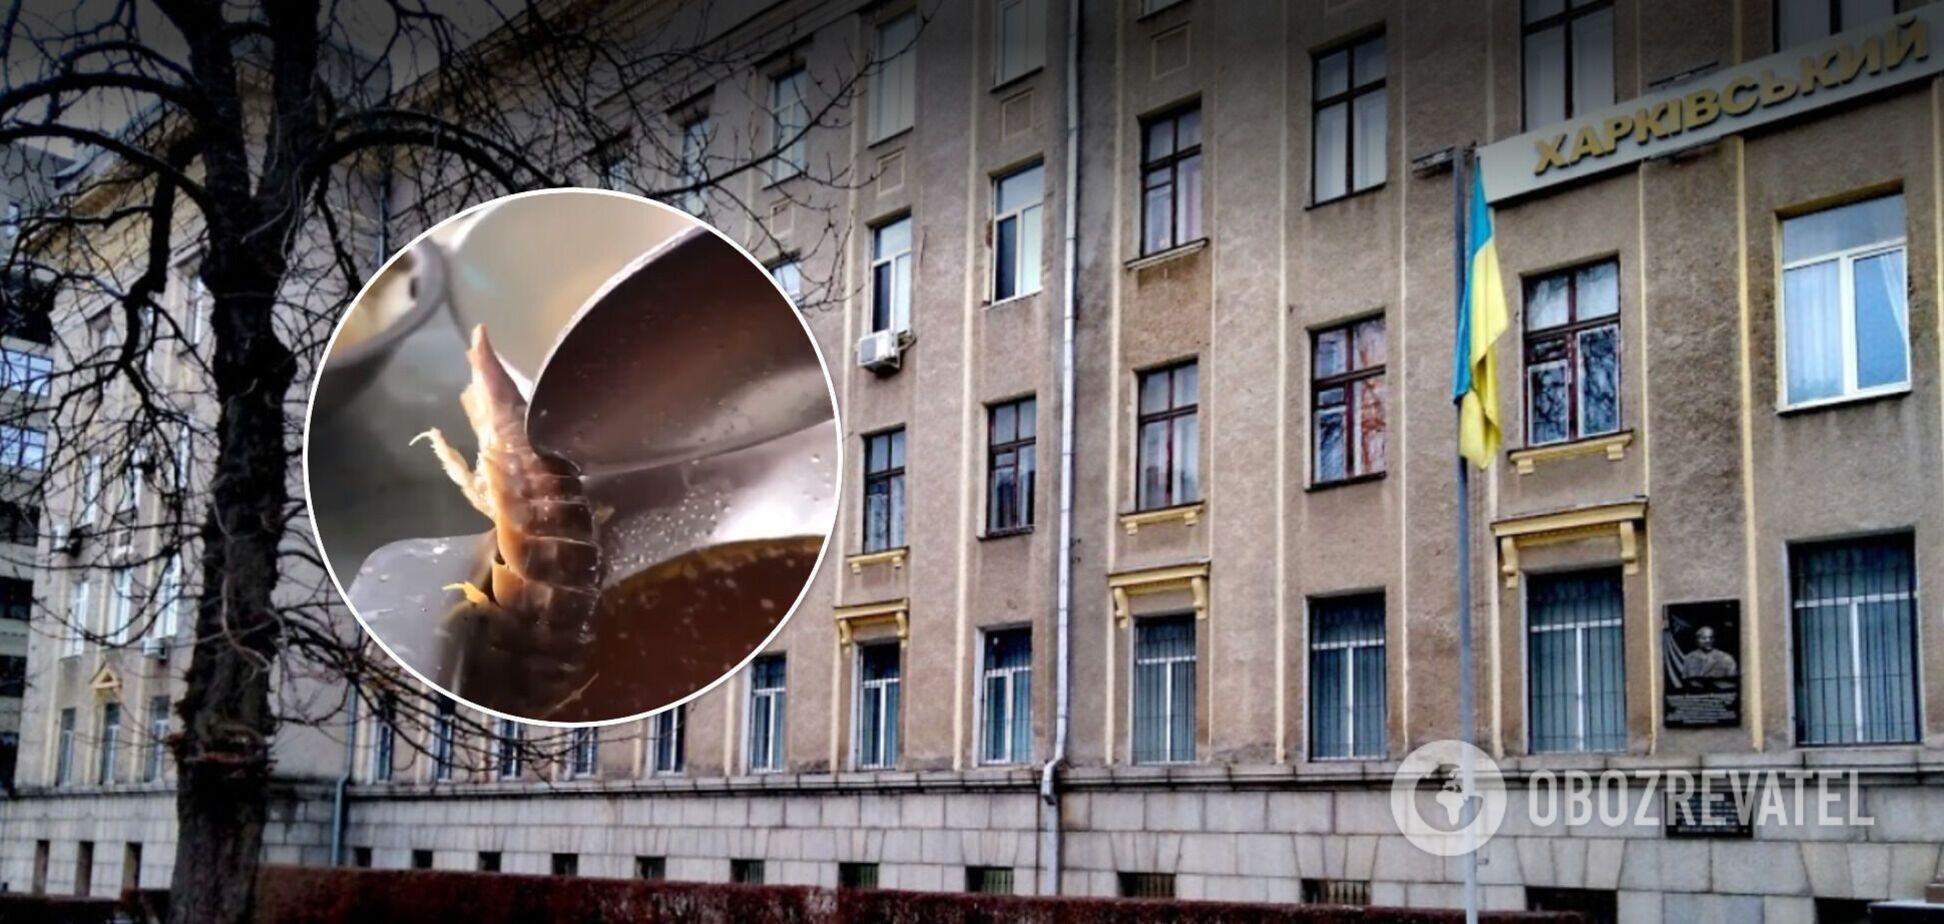 Курсанты Харьковского университета Воздушных сил нашли в борще огромное насекомое. Видео